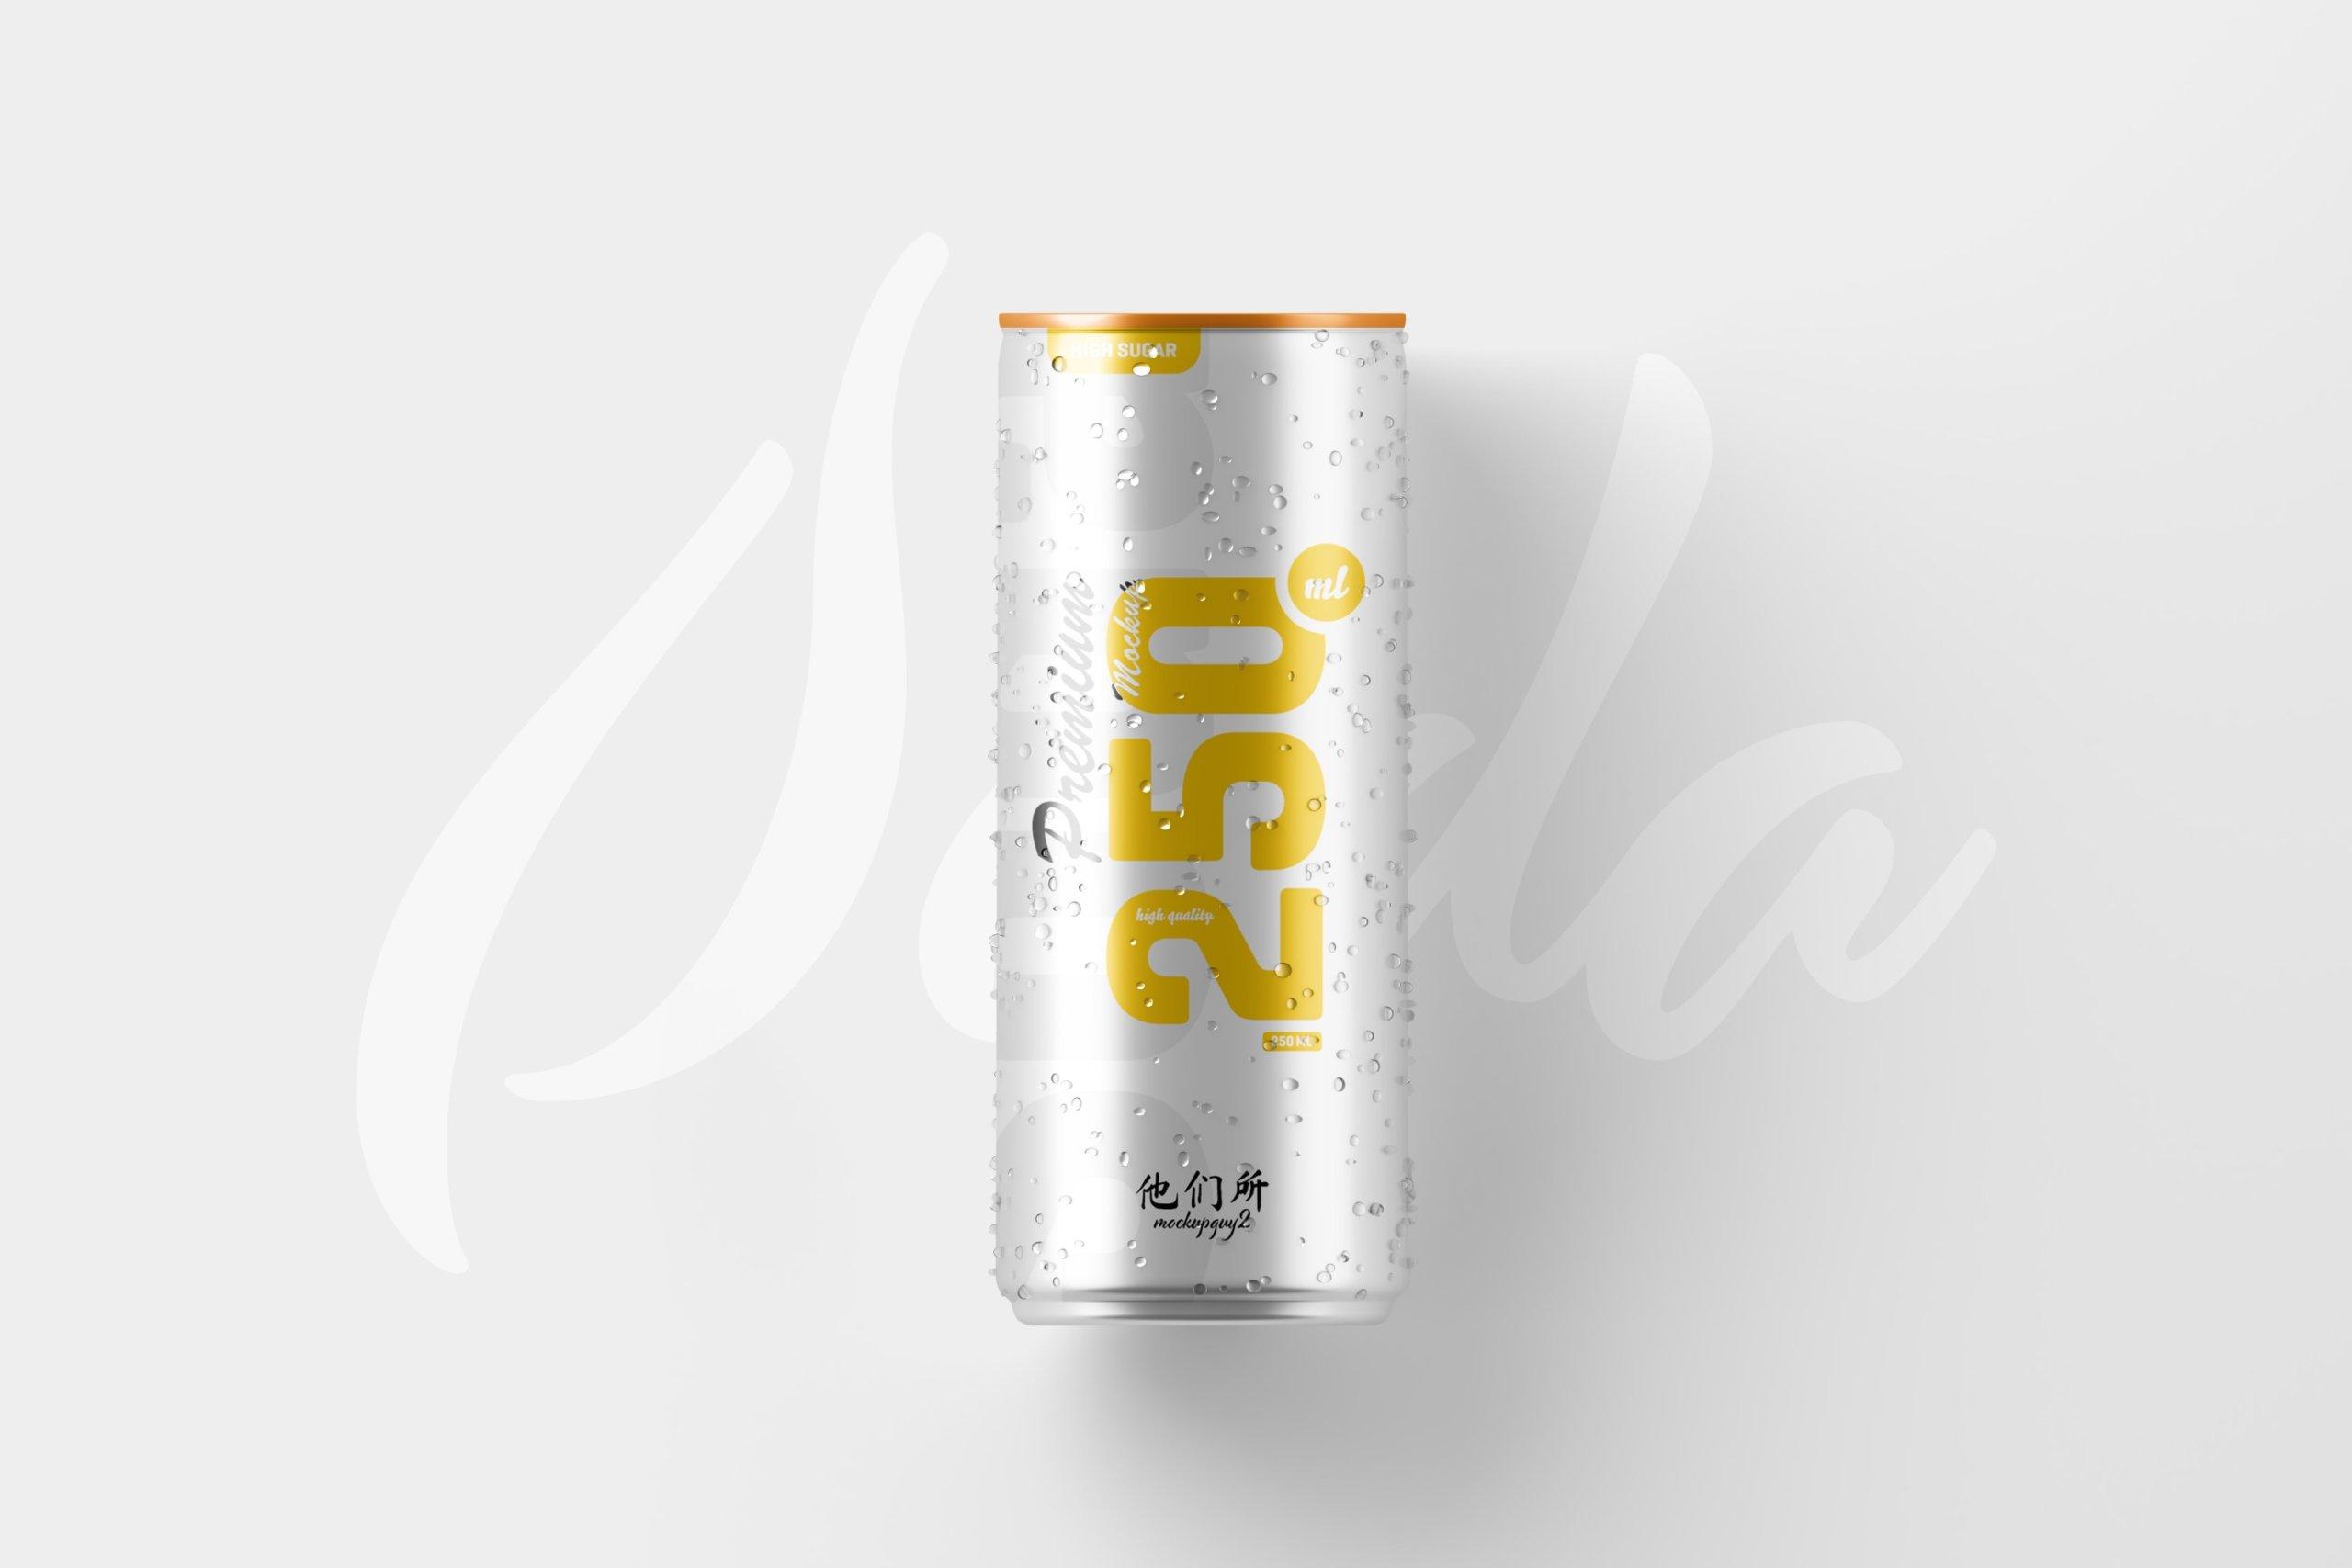 10款250ml啤酒饮料苏打水锡罐易拉罐设计展示样机 250ml Soda Can Mockup插图2